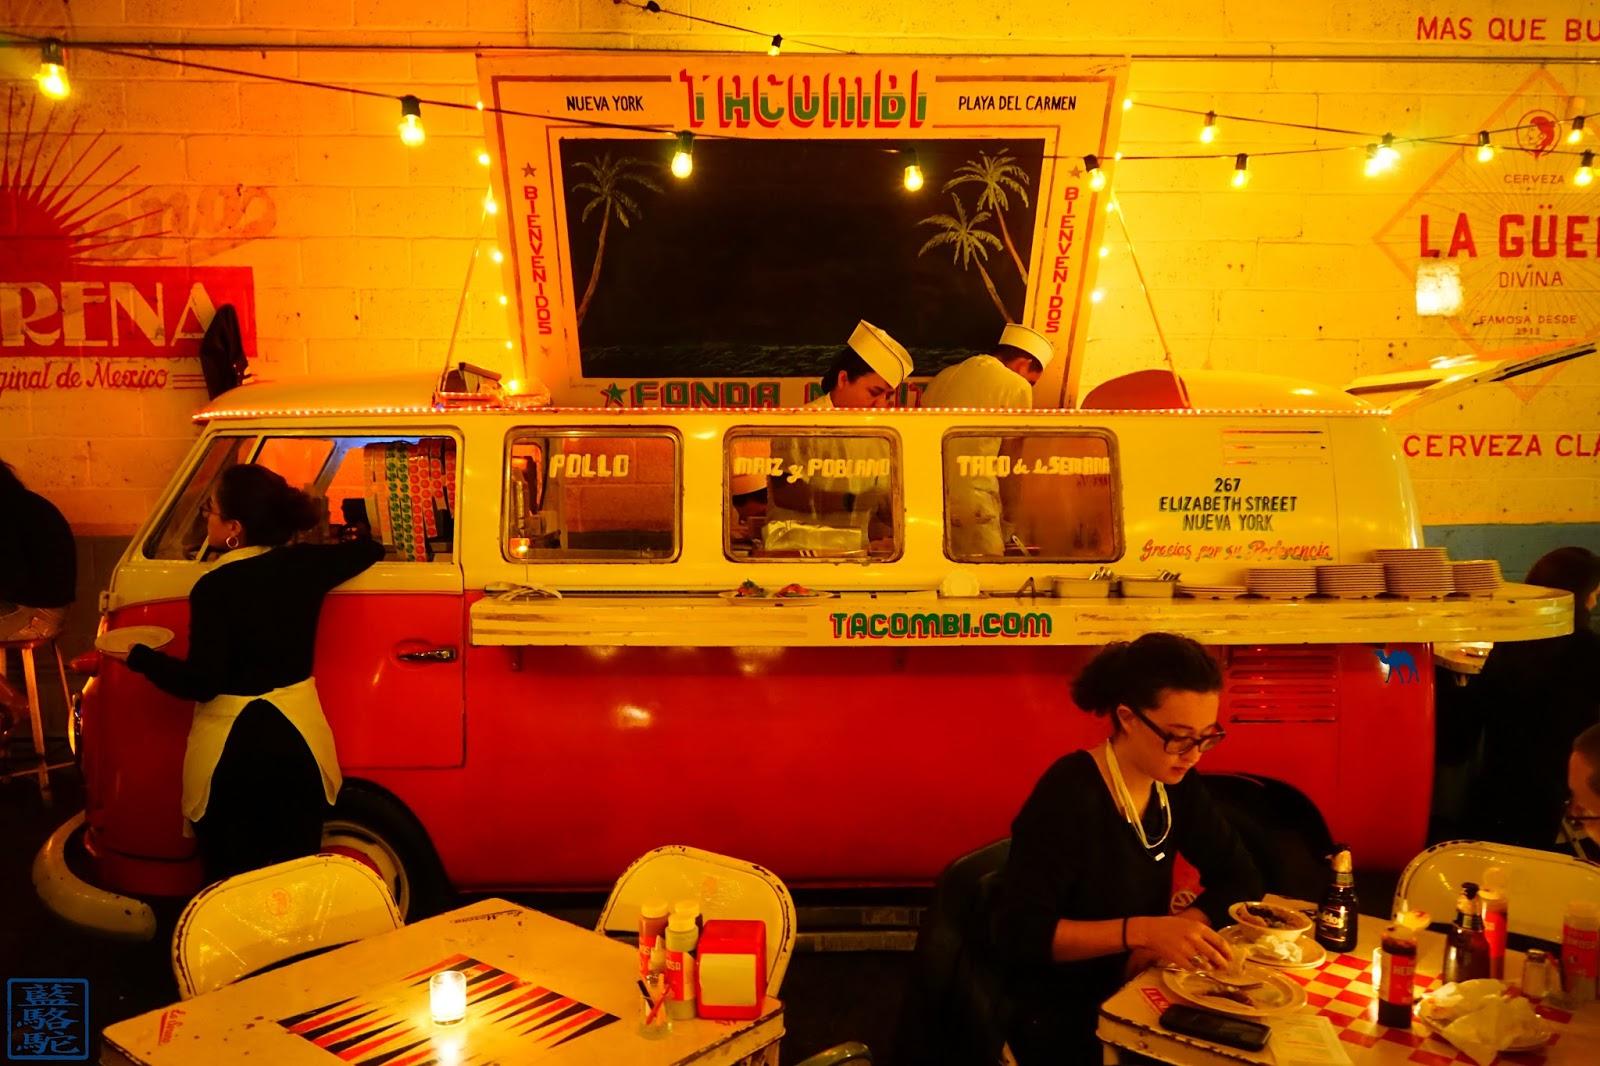 Le Chameau Bleu - Tacombi - Camionnette